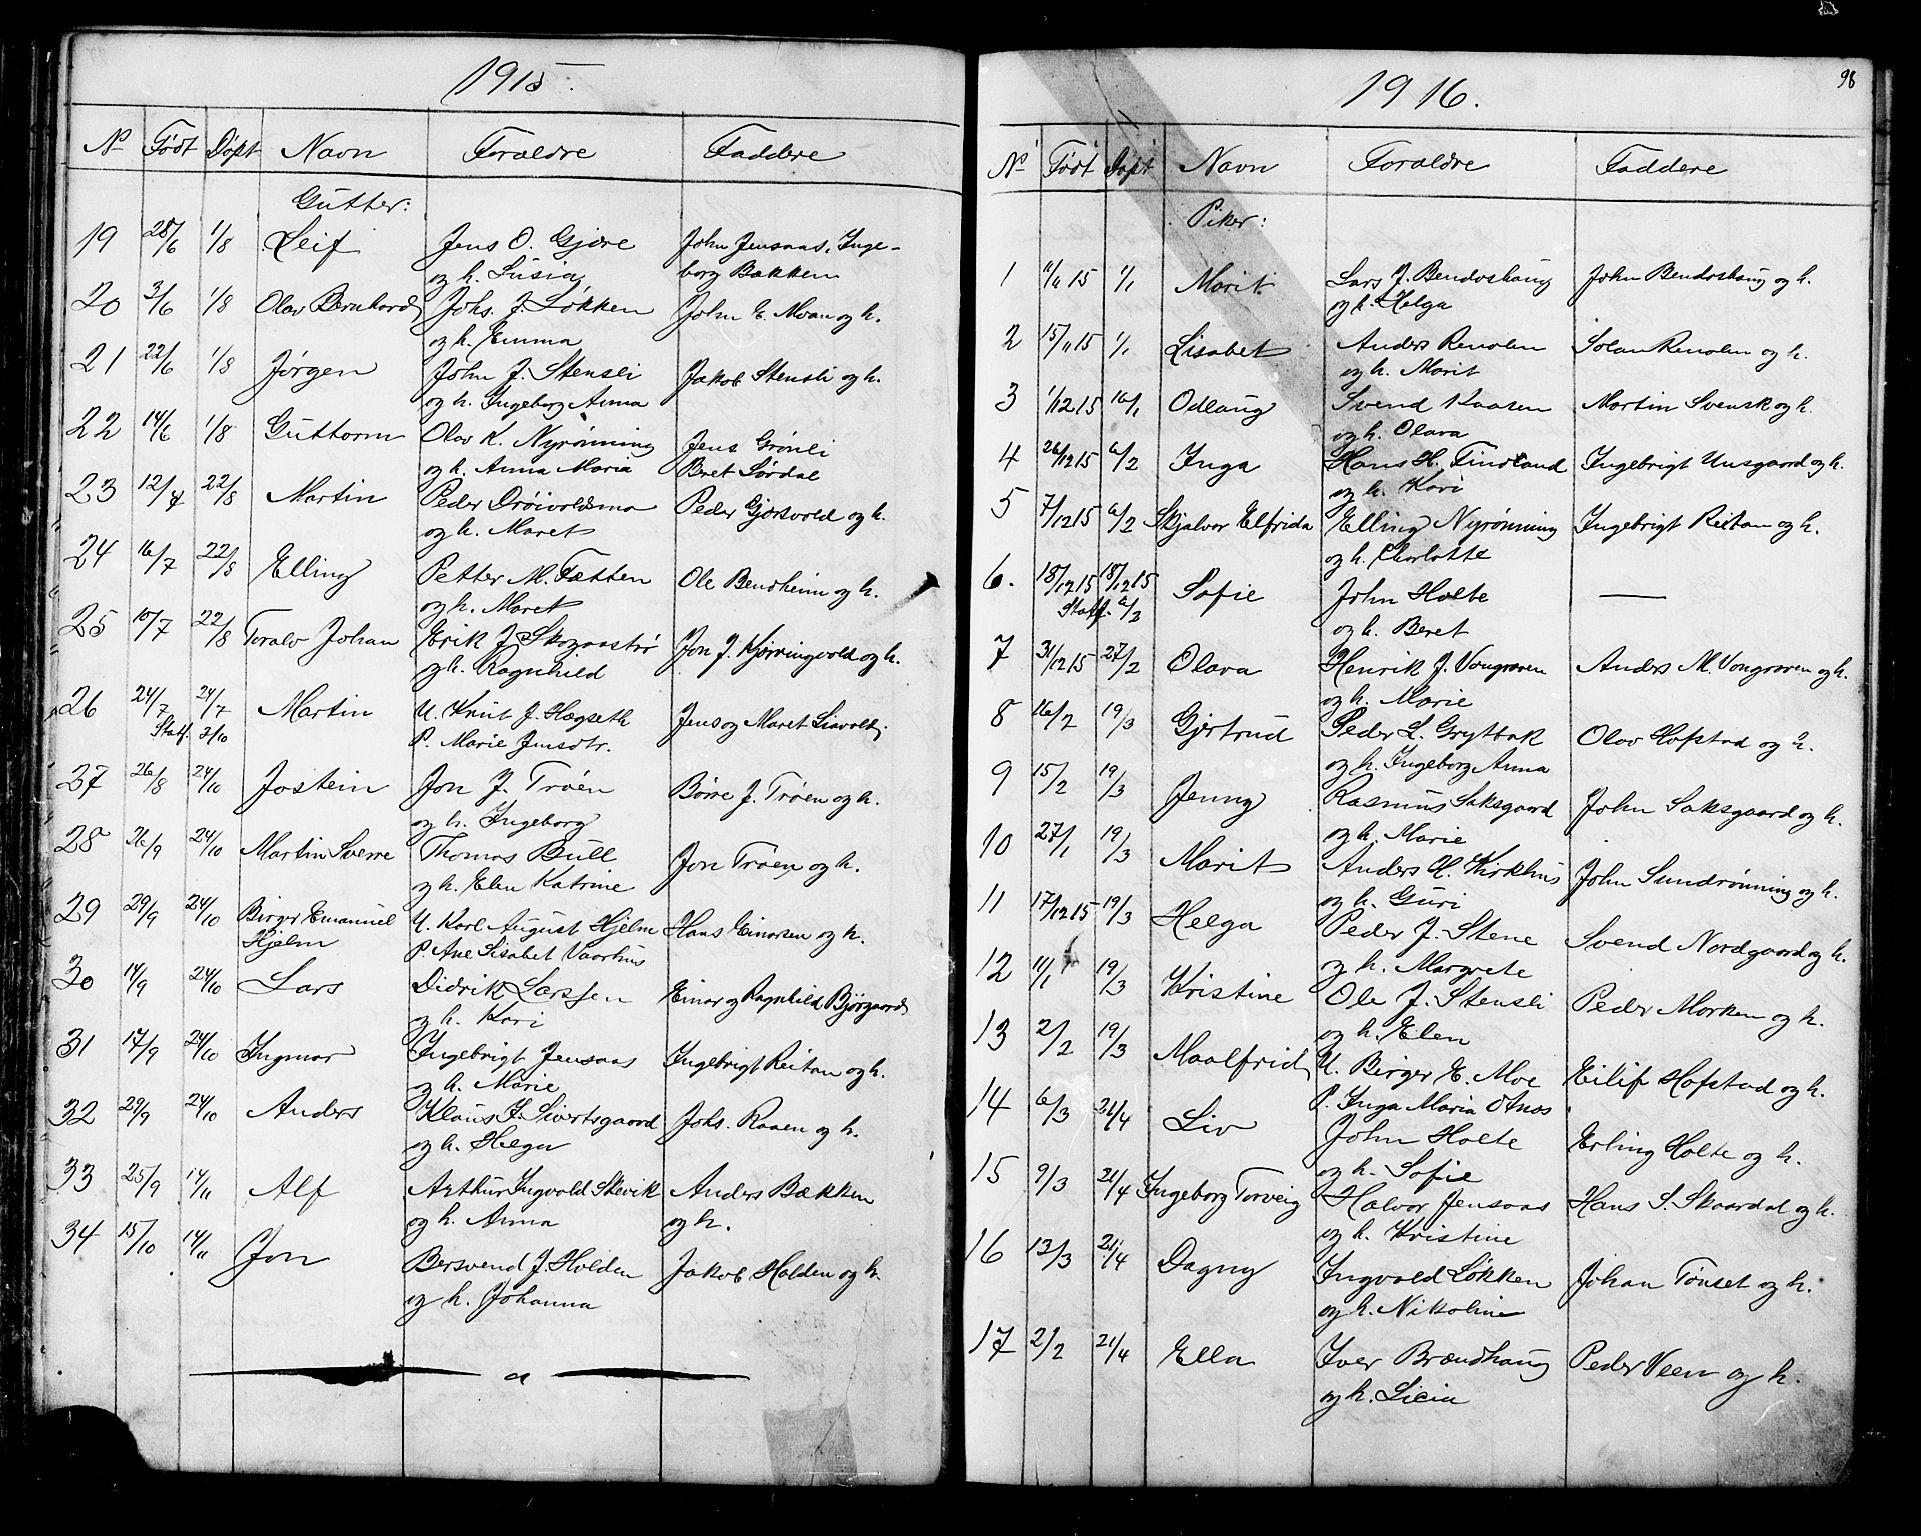 SAT, Ministerialprotokoller, klokkerbøker og fødselsregistre - Sør-Trøndelag, 686/L0985: Klokkerbok nr. 686C01, 1871-1933, s. 98